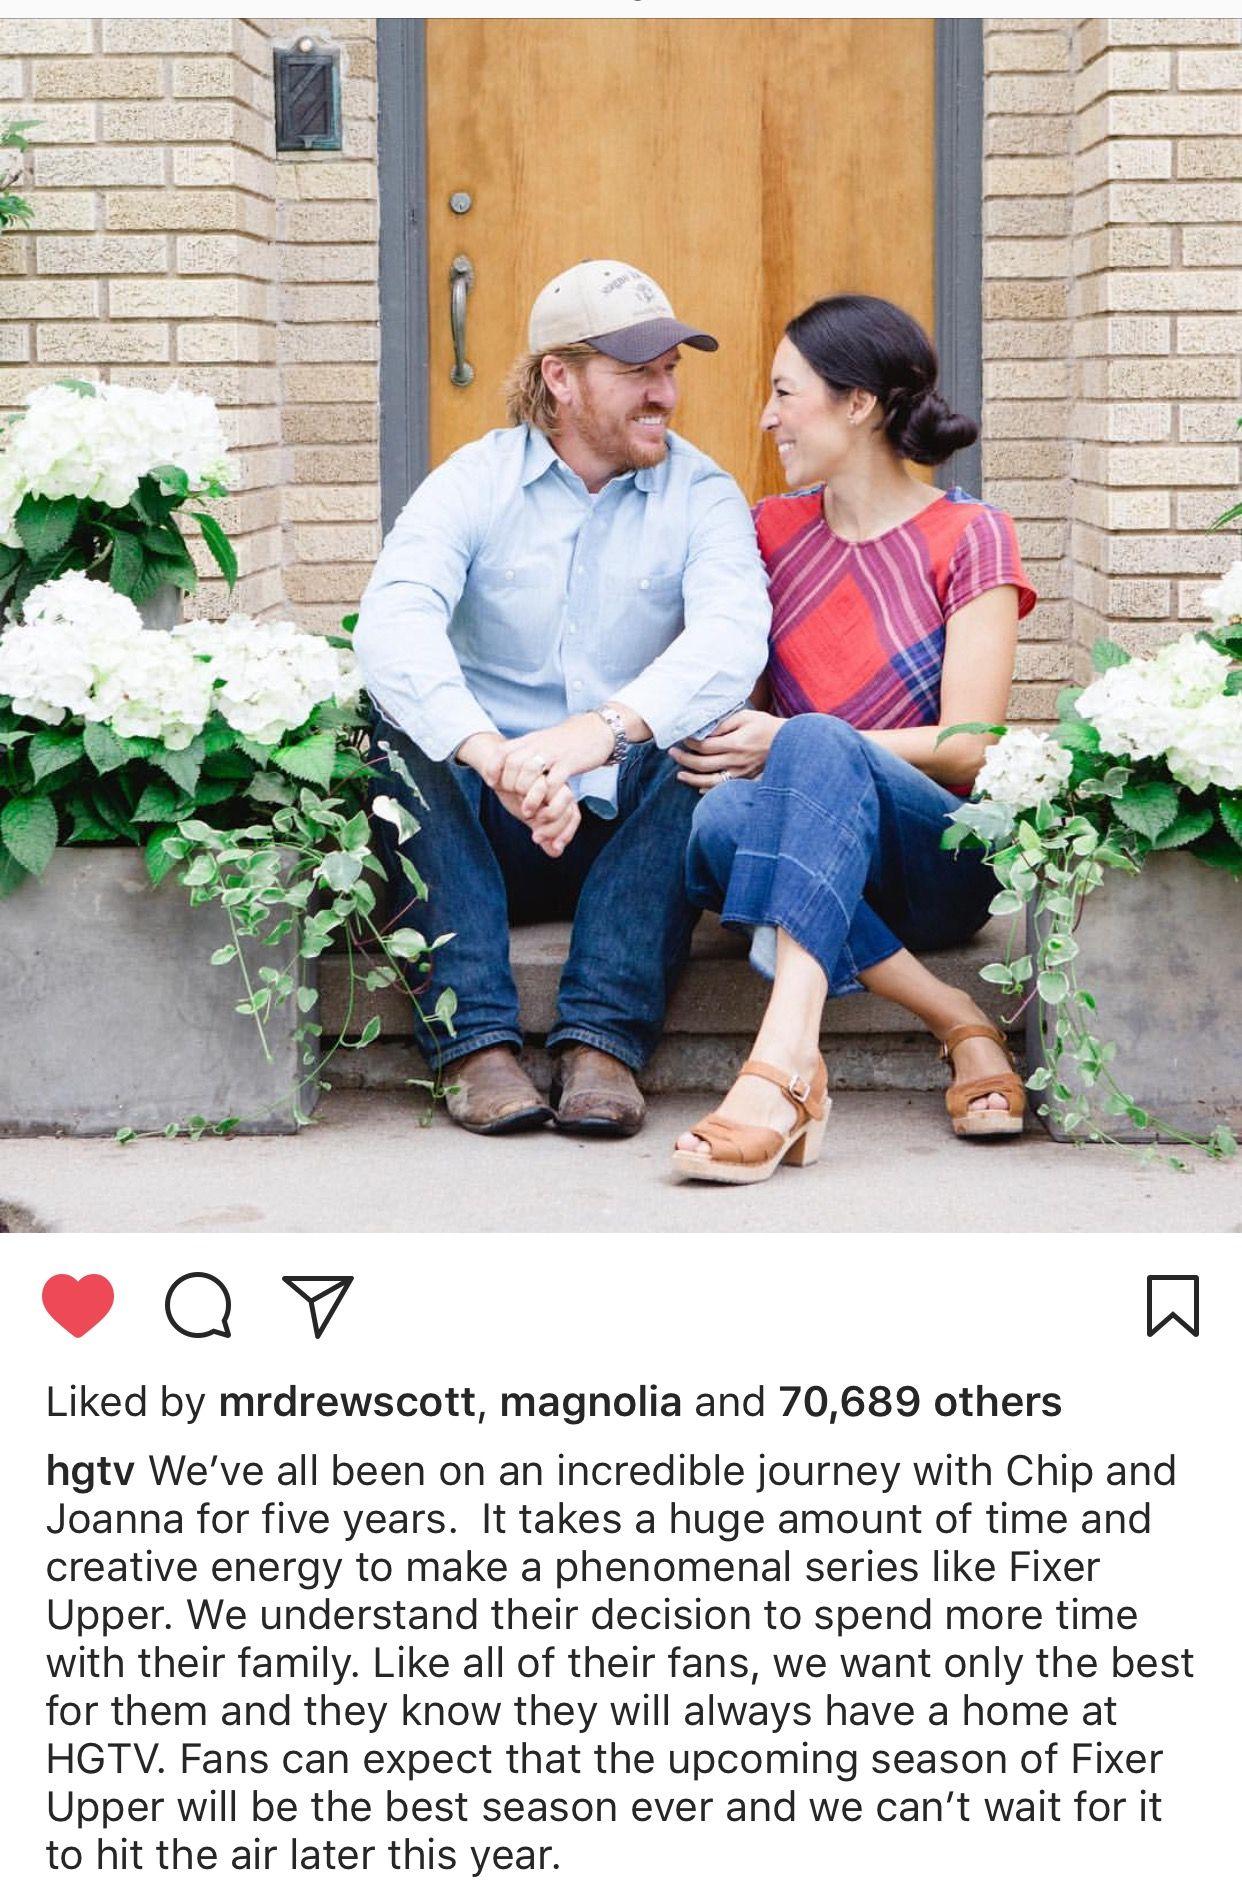 HGTV Instagram 9 26 17 announcing Fixerupper s Final Season Chip